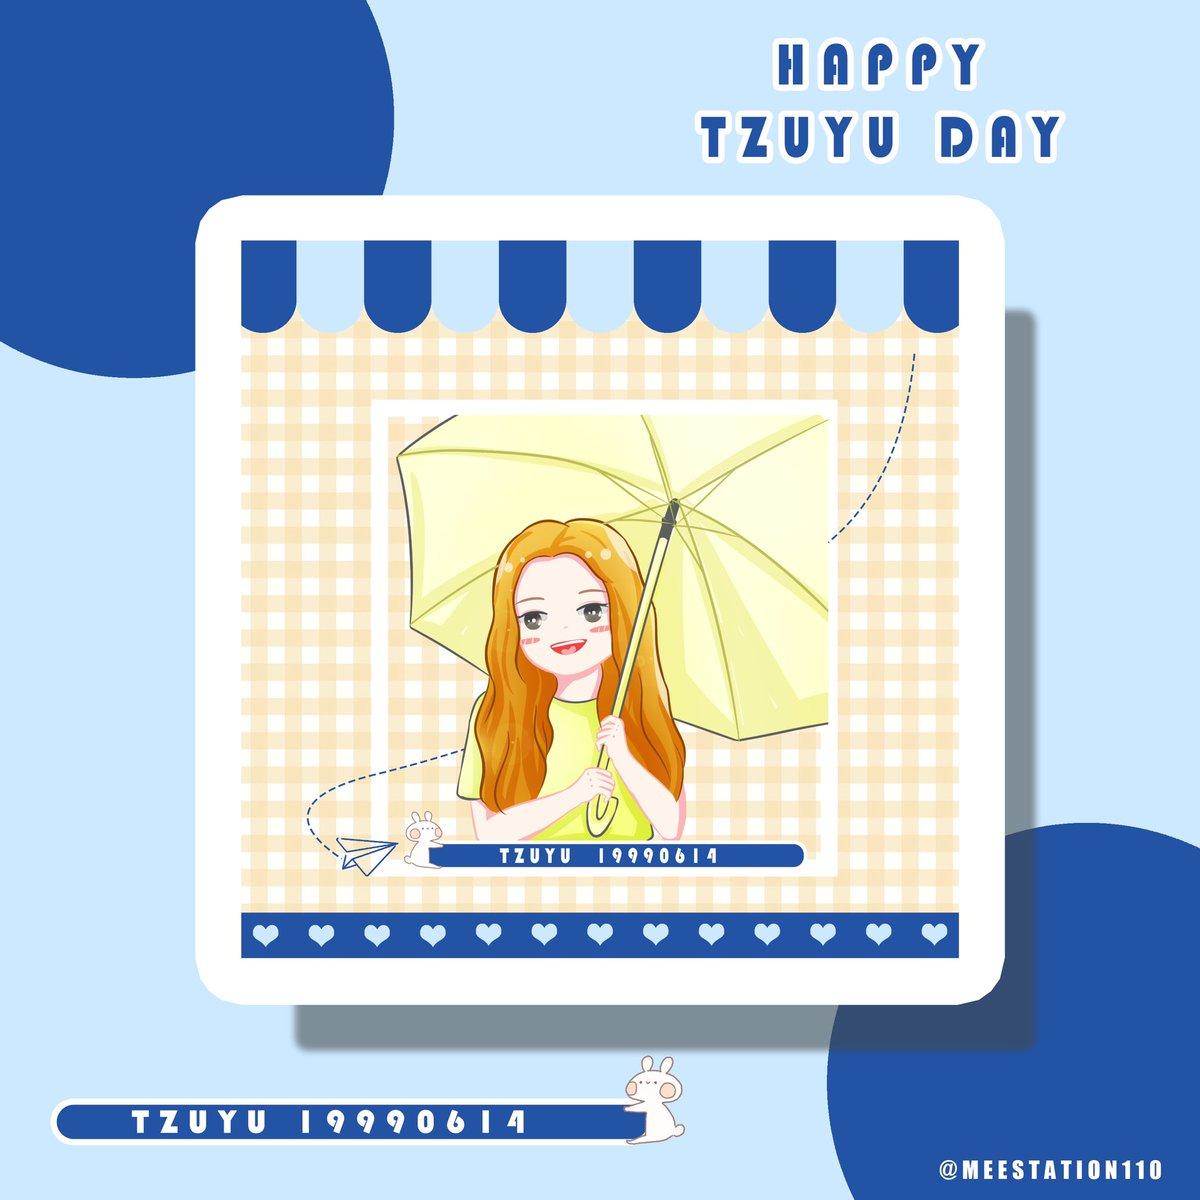 HAPPY TZUYU DAY🎂 #TWICE #트와이스 #쯔위#ツウィ #TZUYU #周子瑜 #HappyTzuyuDay #Sweet_Tzuyu_Day #쯔윗한_우리막둥생일